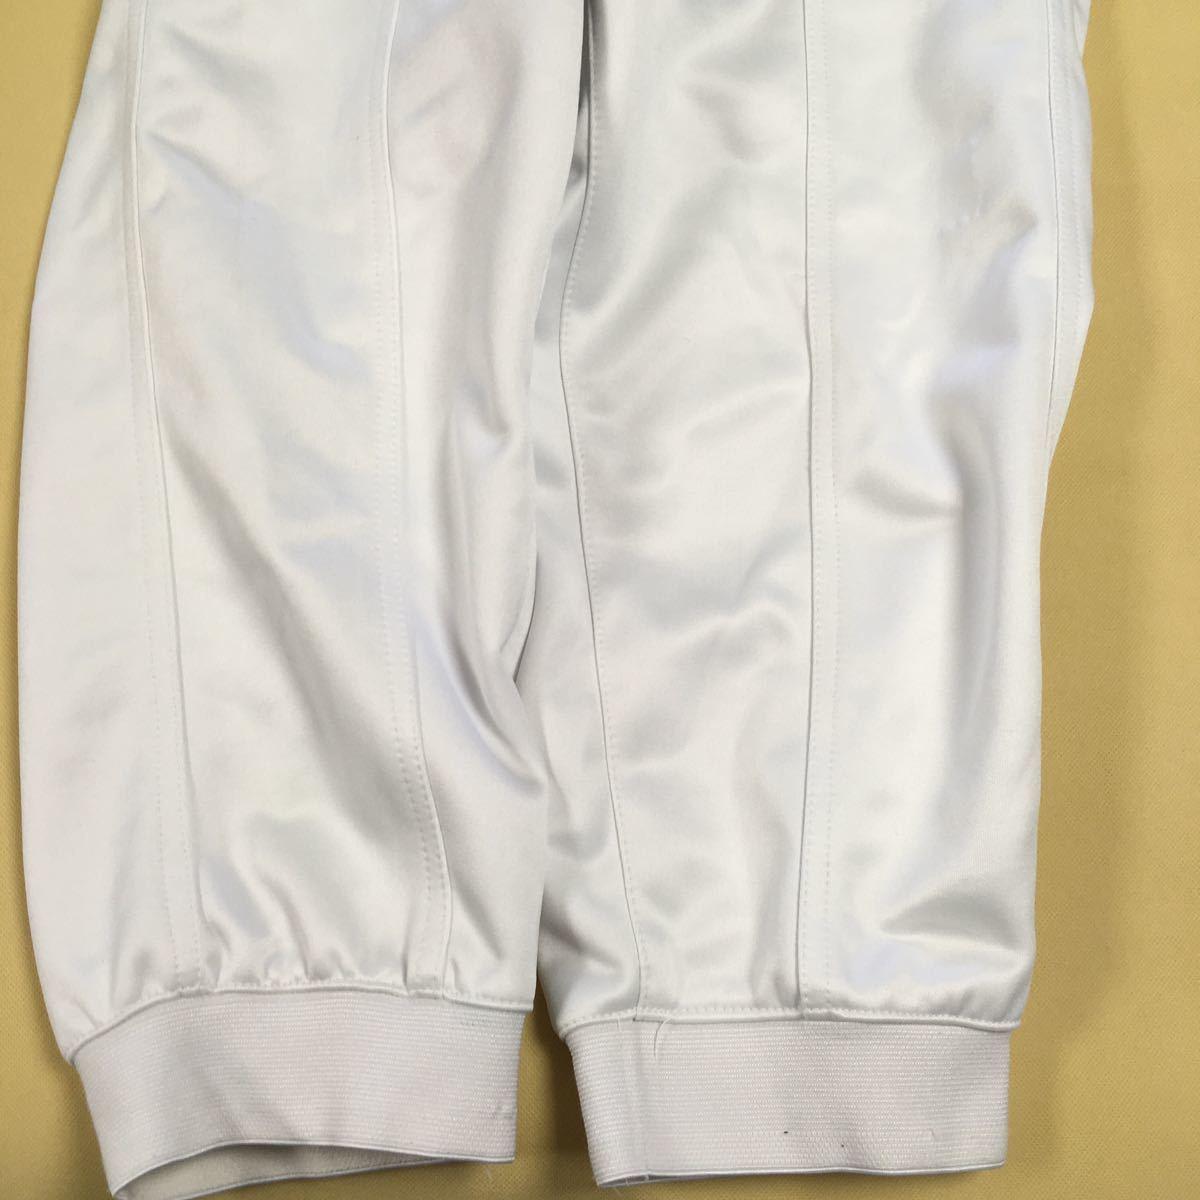 フェンシング ユニフォーム上下半袖プロテクターメタルジャケットの4点セット 右男性用_画像6